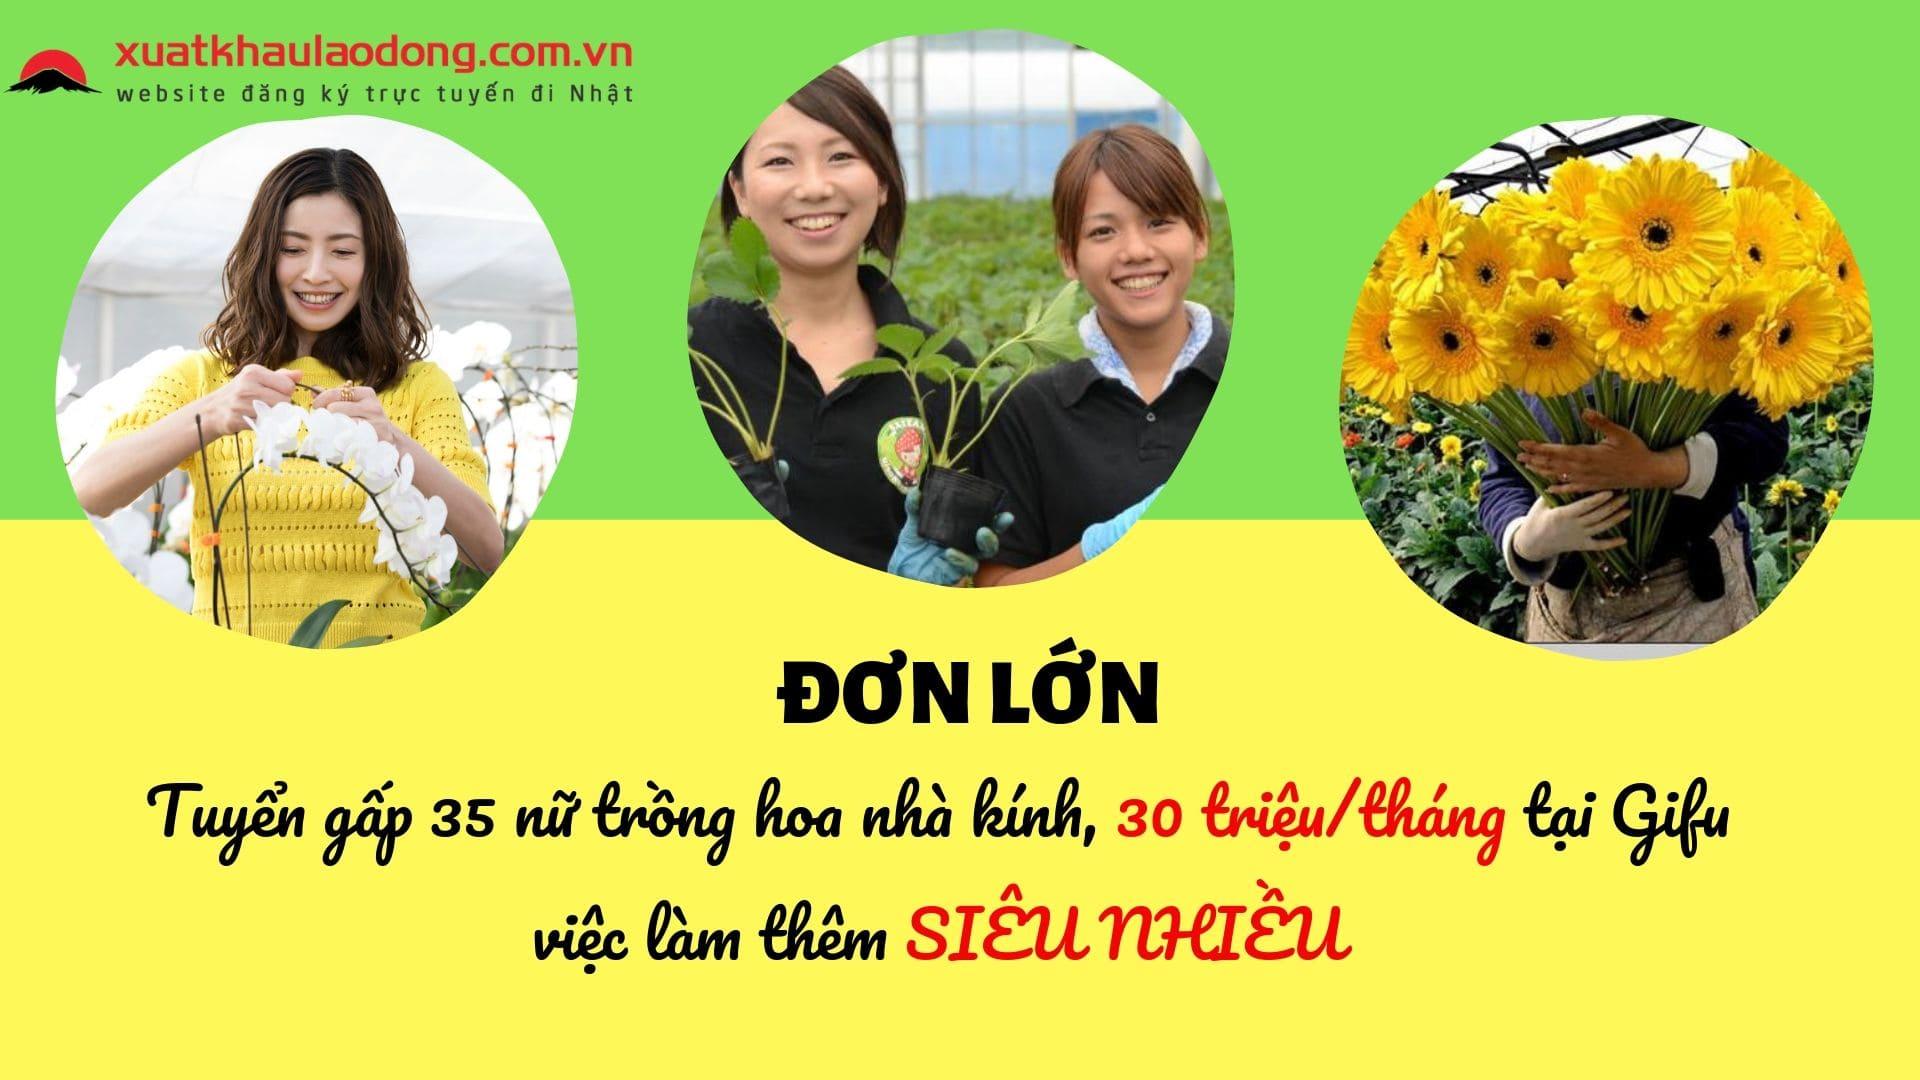 ĐƠN LỚN: Tuyển 35 nữ trồng hoa nhà kính NHIỀU VIỆC LÀM THÊM tại Gifu